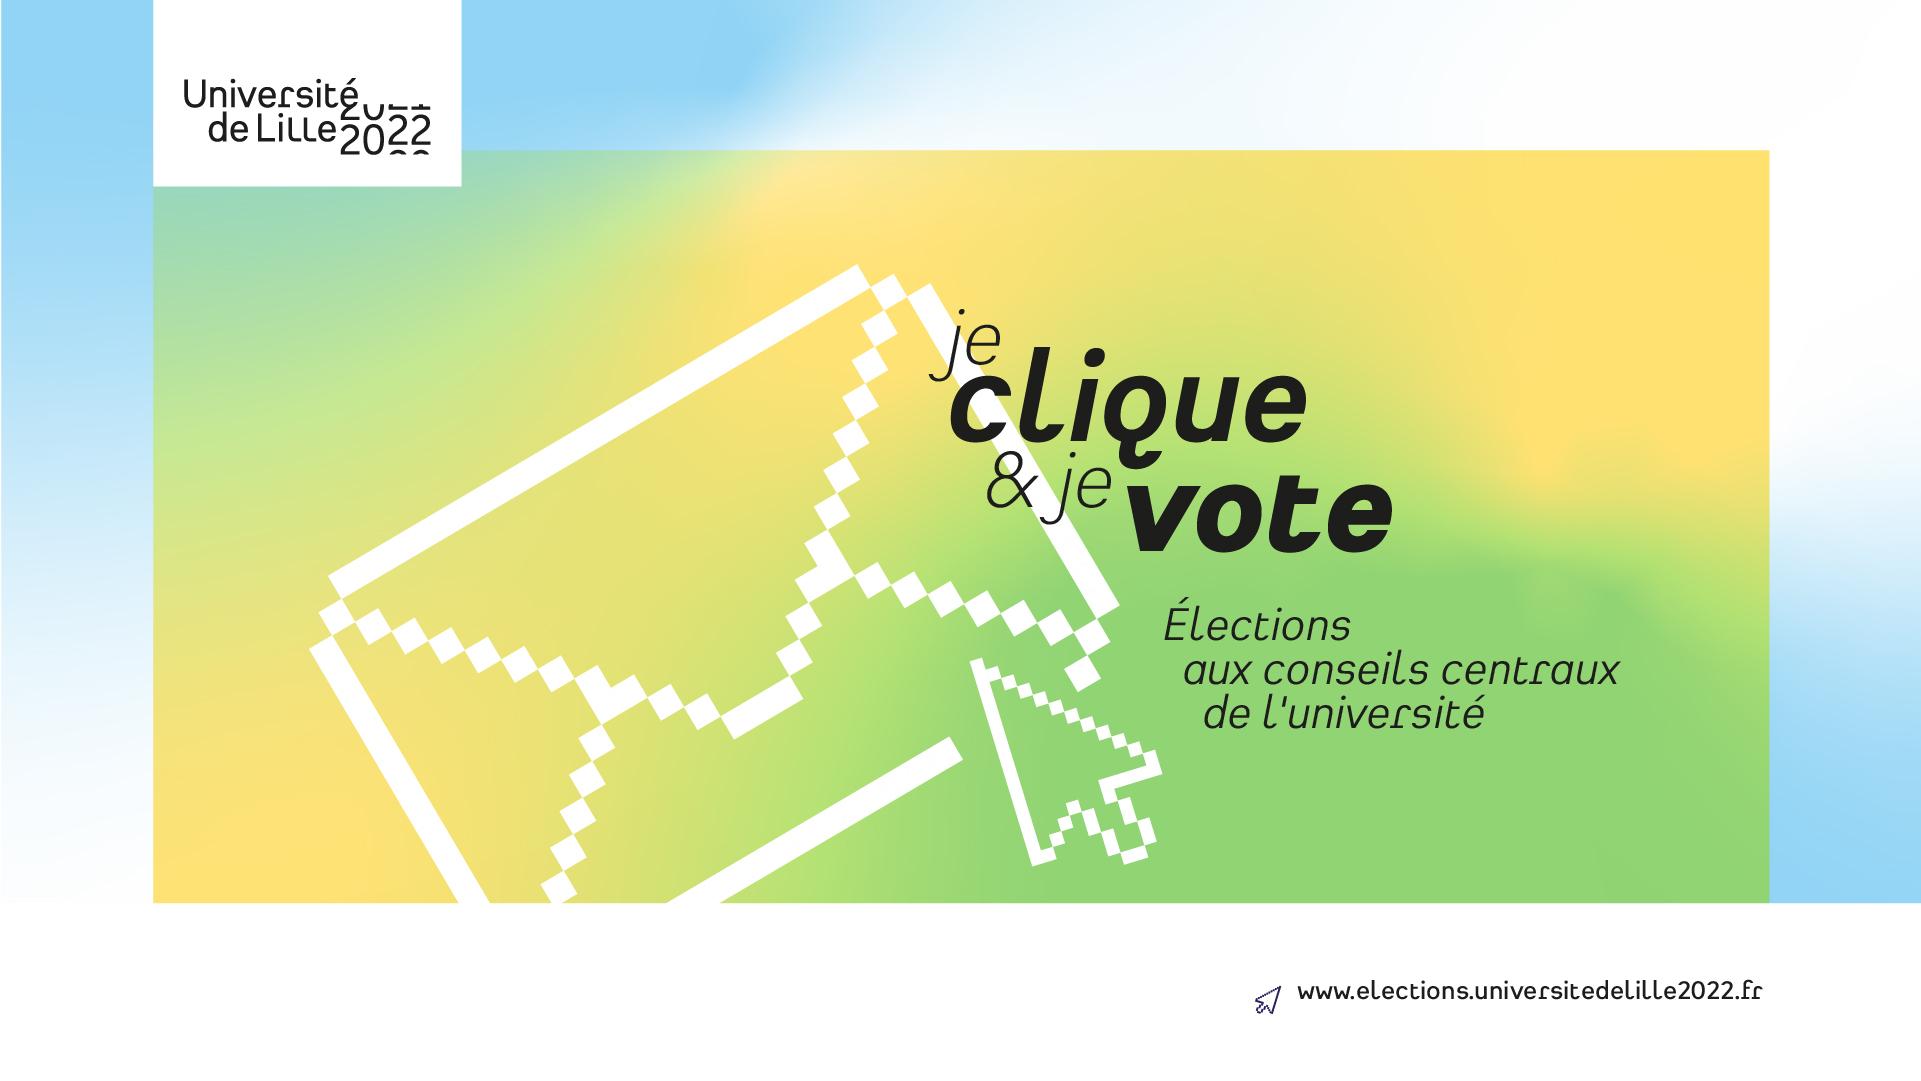 Élections de l'Université de Lille 2022